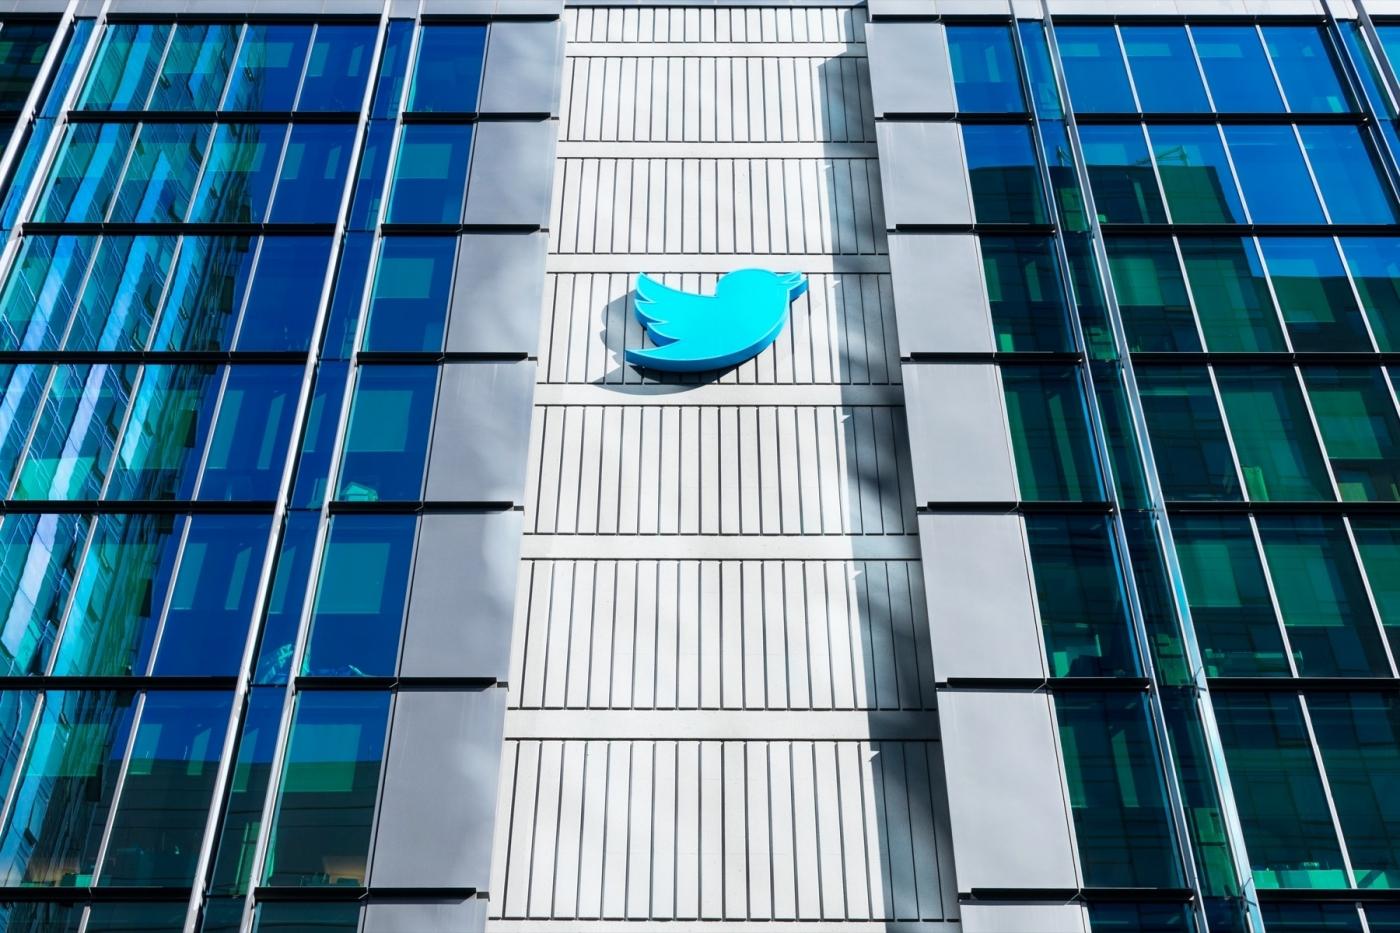 馬斯克、貝佐斯帳號他都盜!揭露Twitter史上最大駭客入侵案背後,17歲主謀的驚人騙術